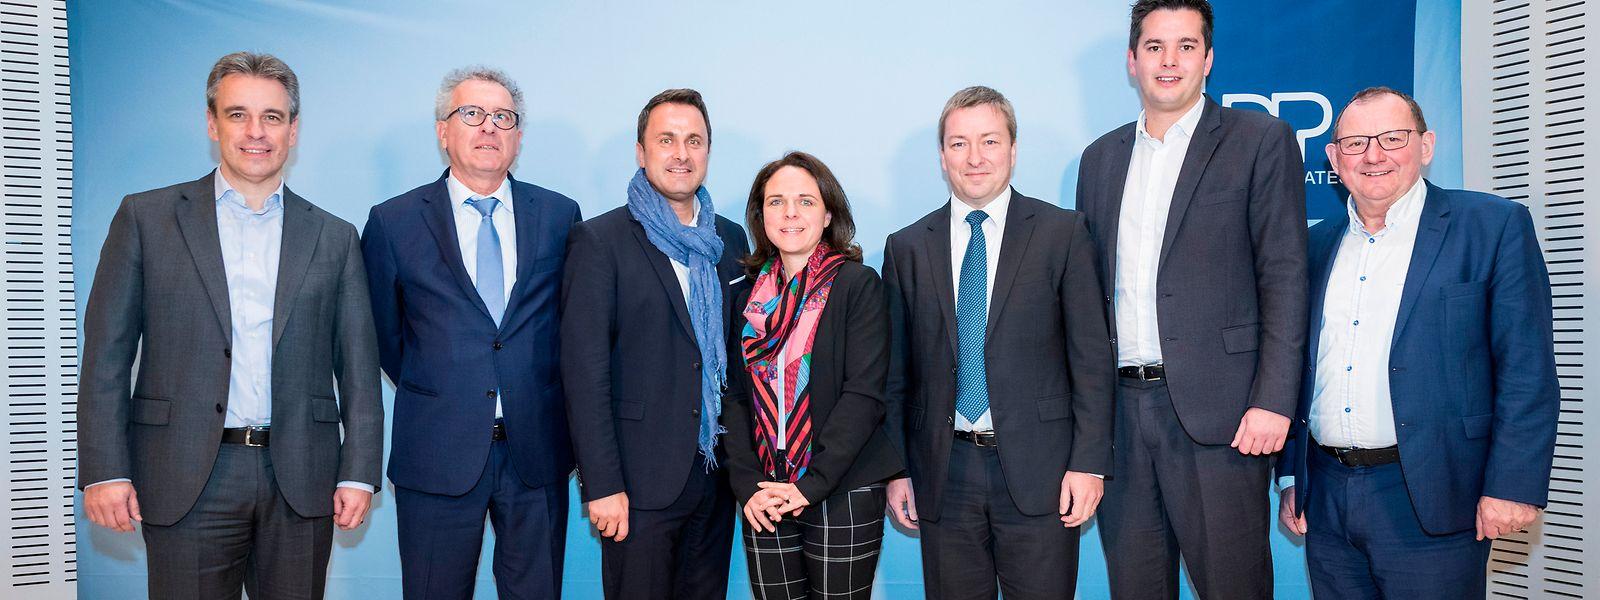 Claude Meisch, Pierre Gamegna, Xavier Bettel, Corinne Cahen, Marc Hansen, Lex Delles und Fernand Etgen